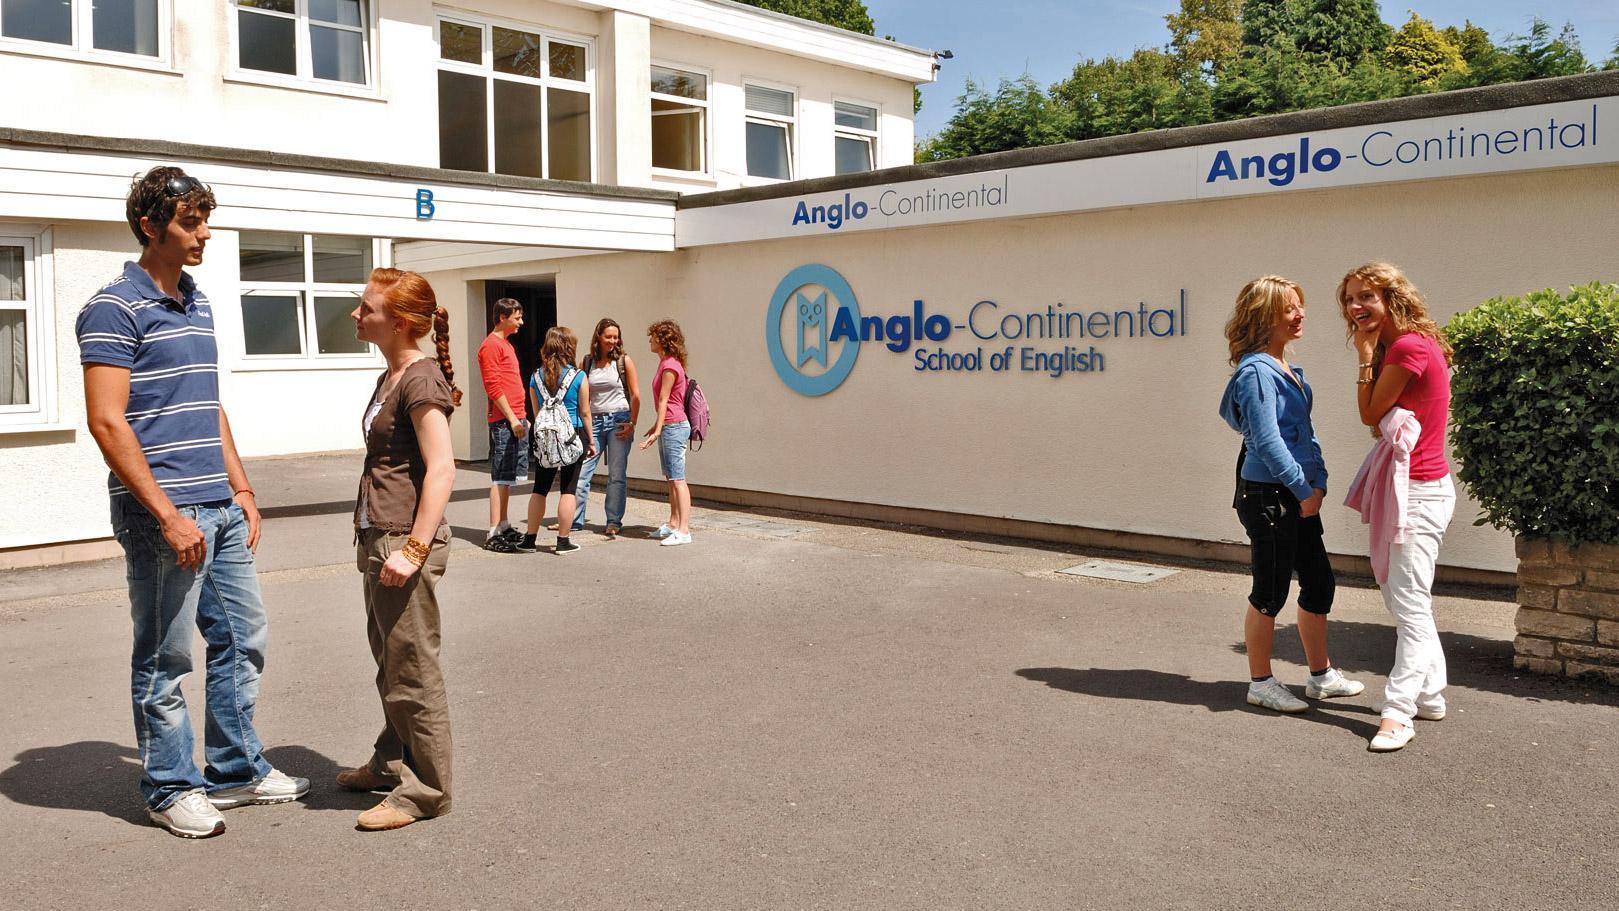 Anglo-Continental Summer School - для детей и подростков